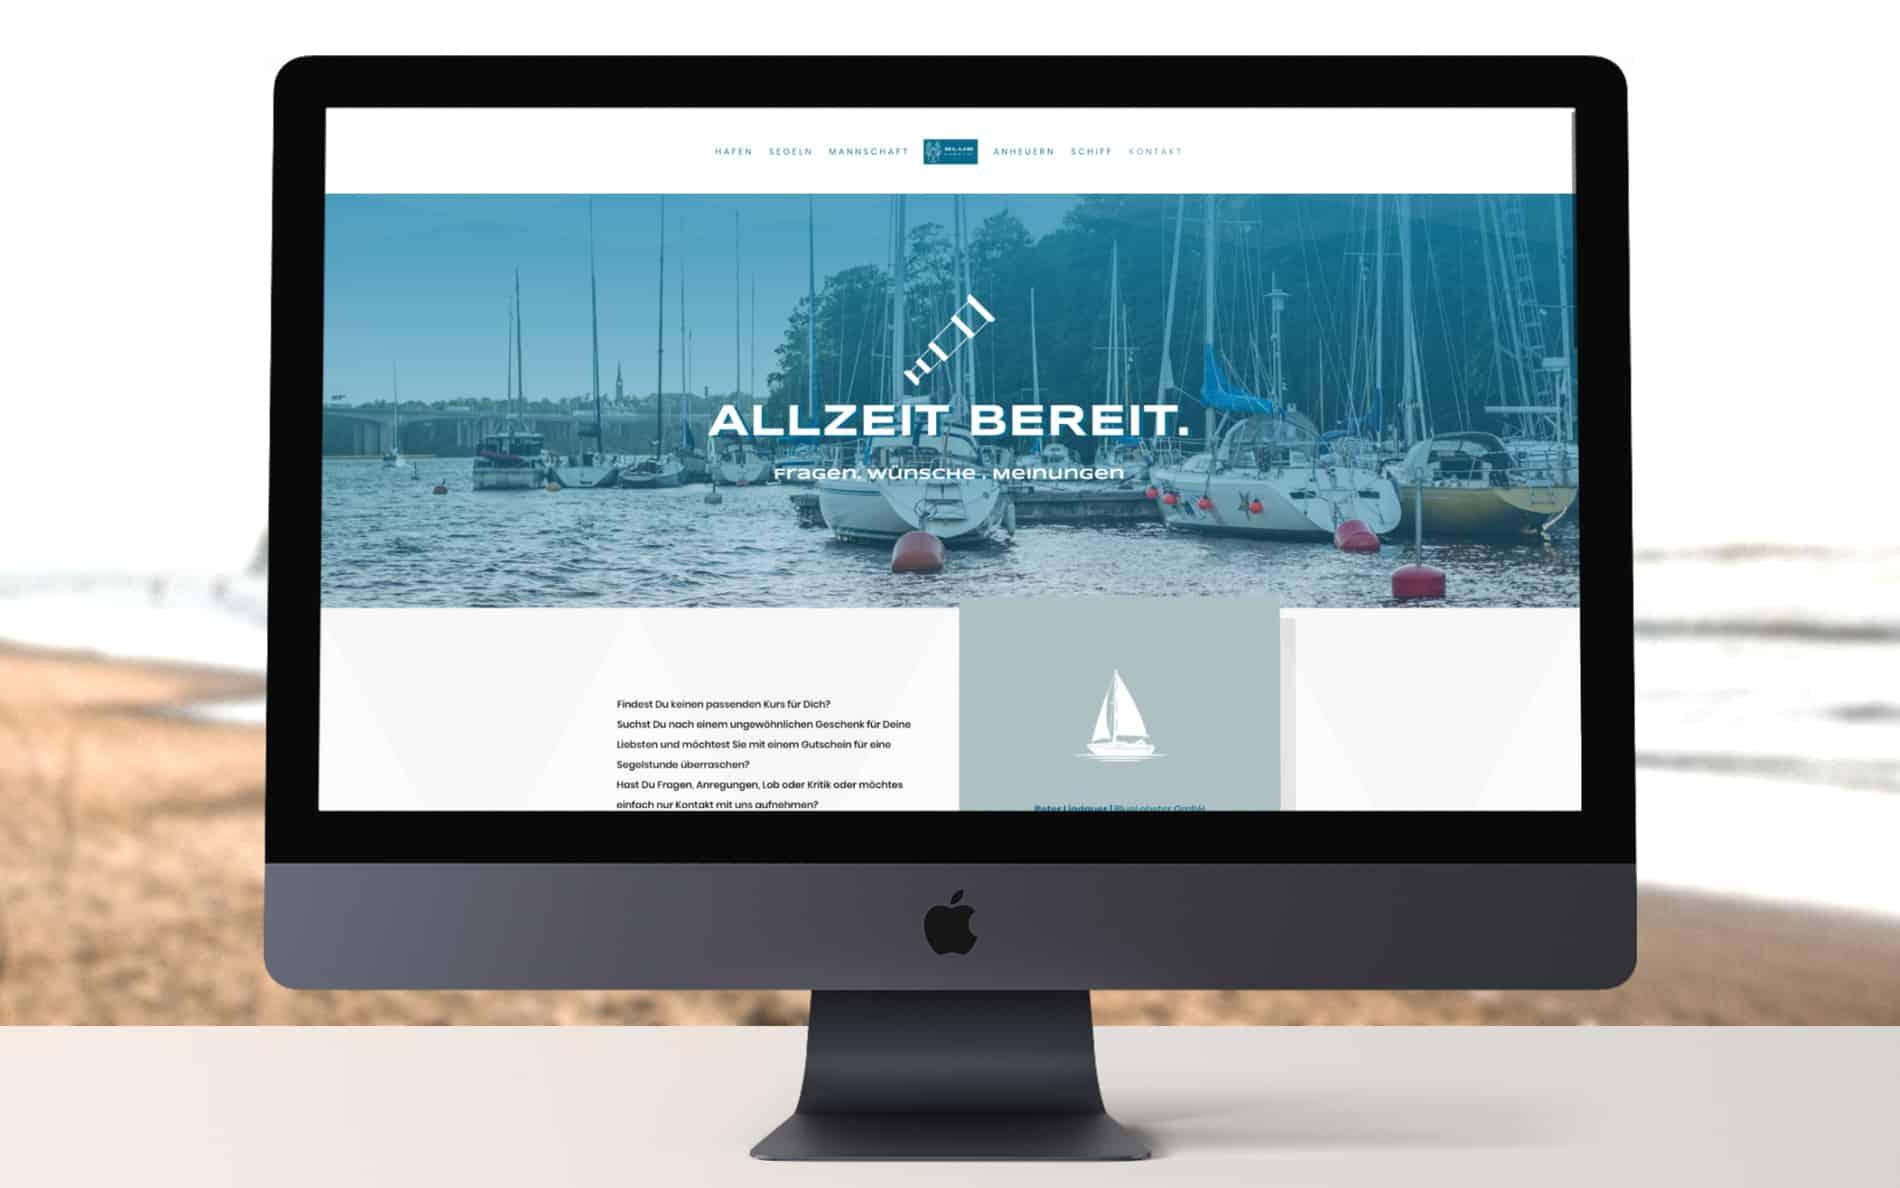 hilledesign-portfolio-webdesign-bluelobster03